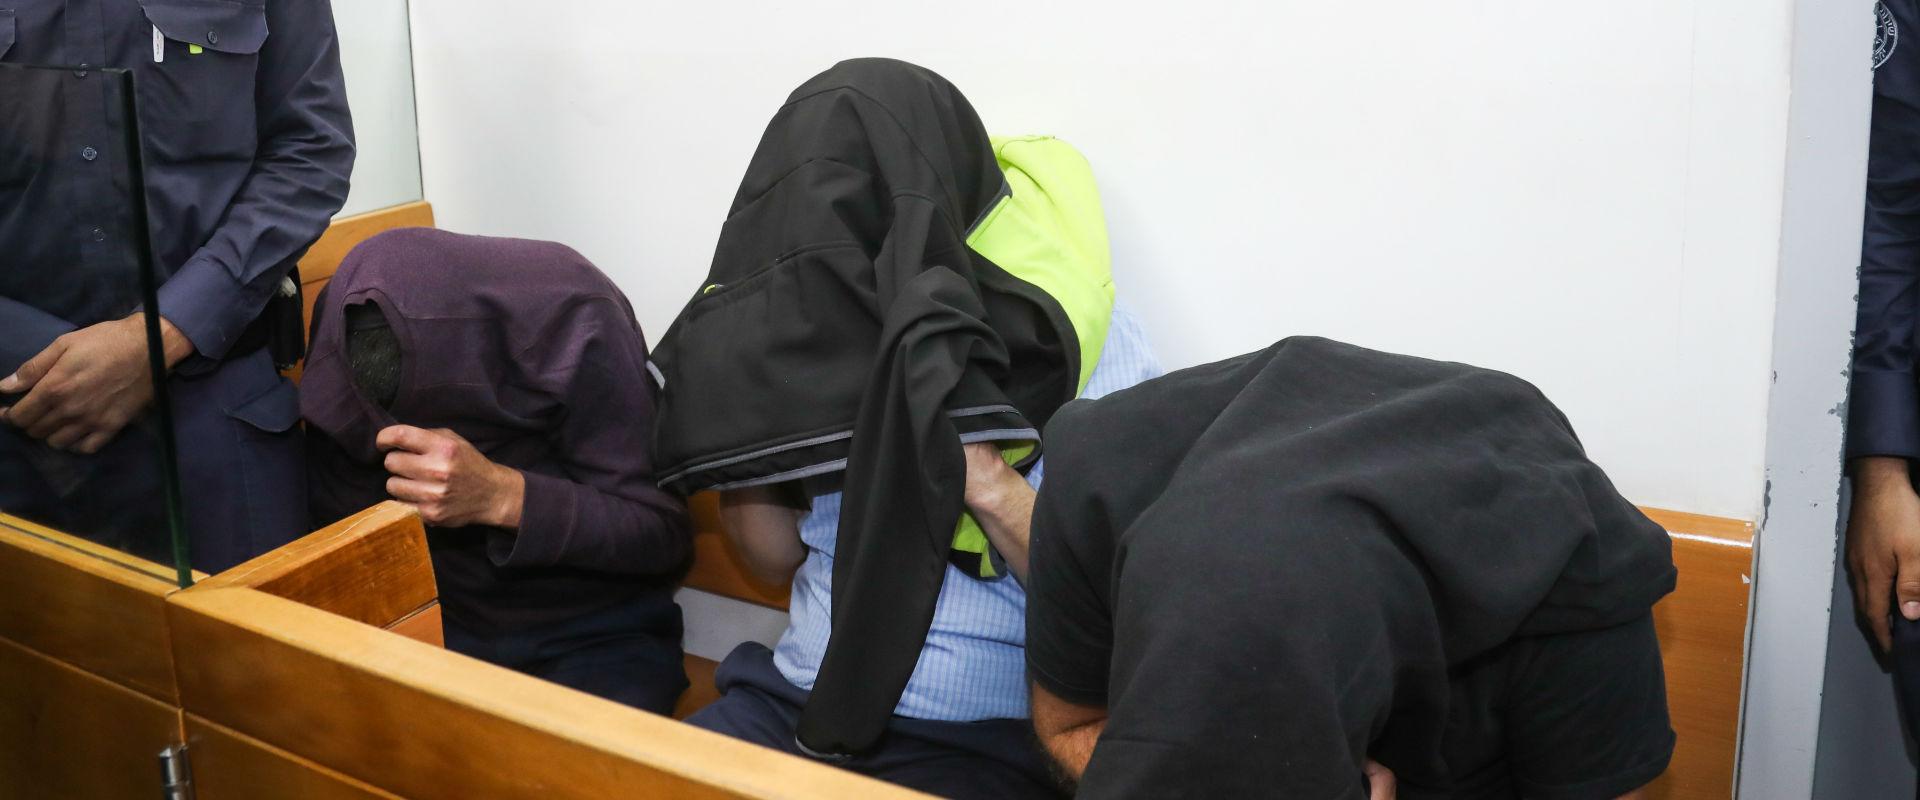 החשודים בפרשת הברחת היהלומים בבית המשפט